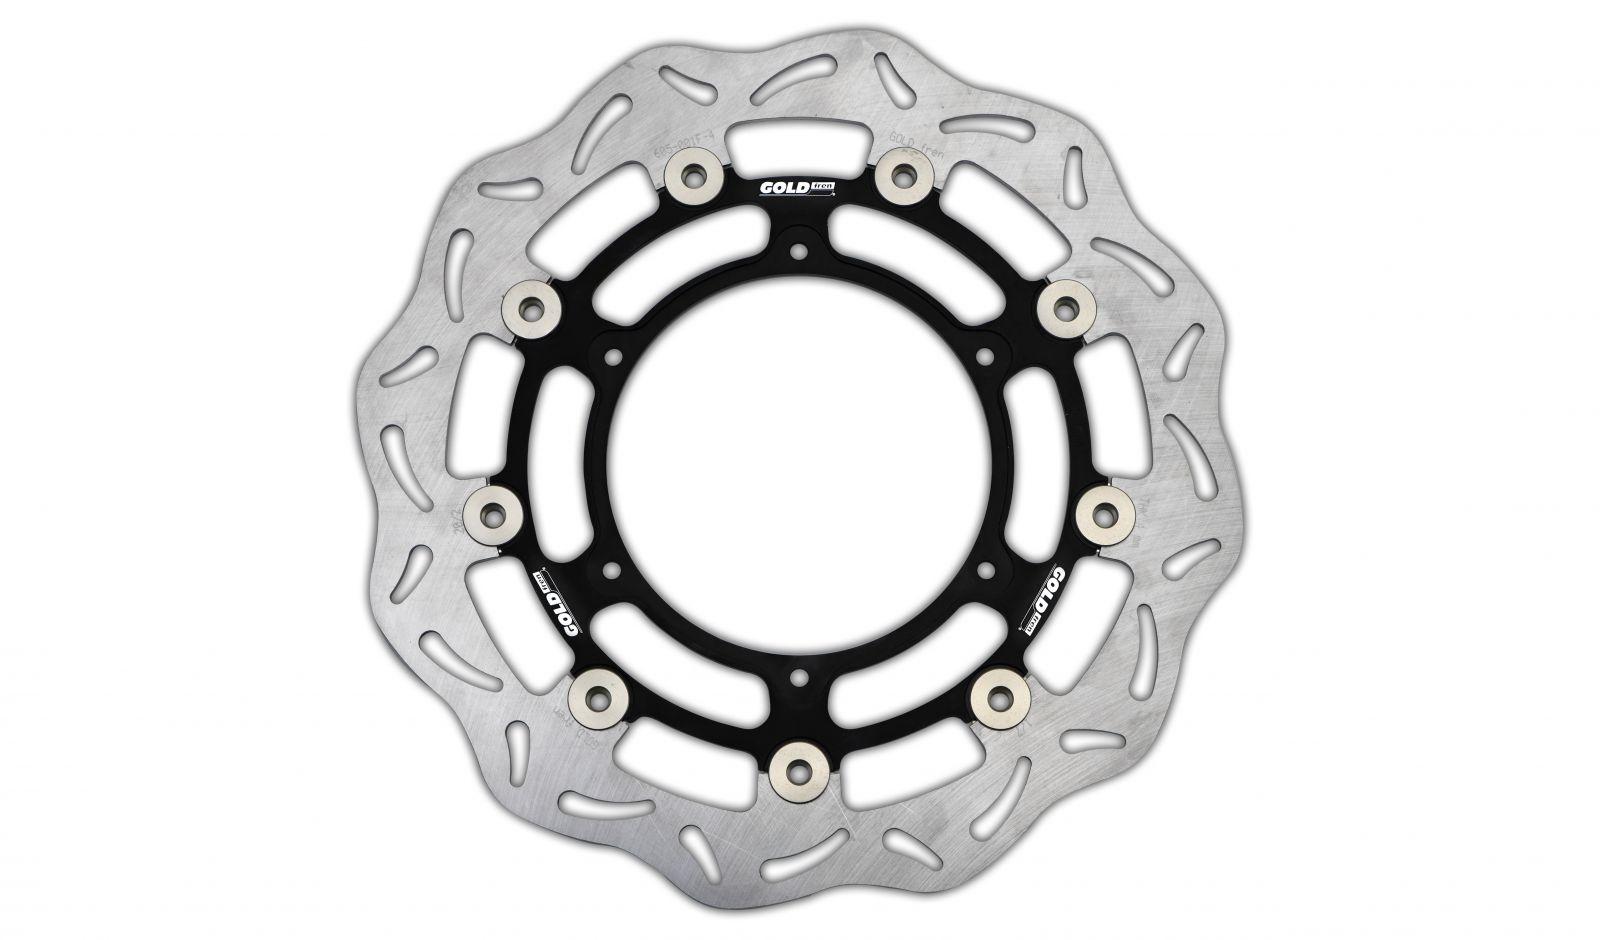 brake discs - 715599GF image